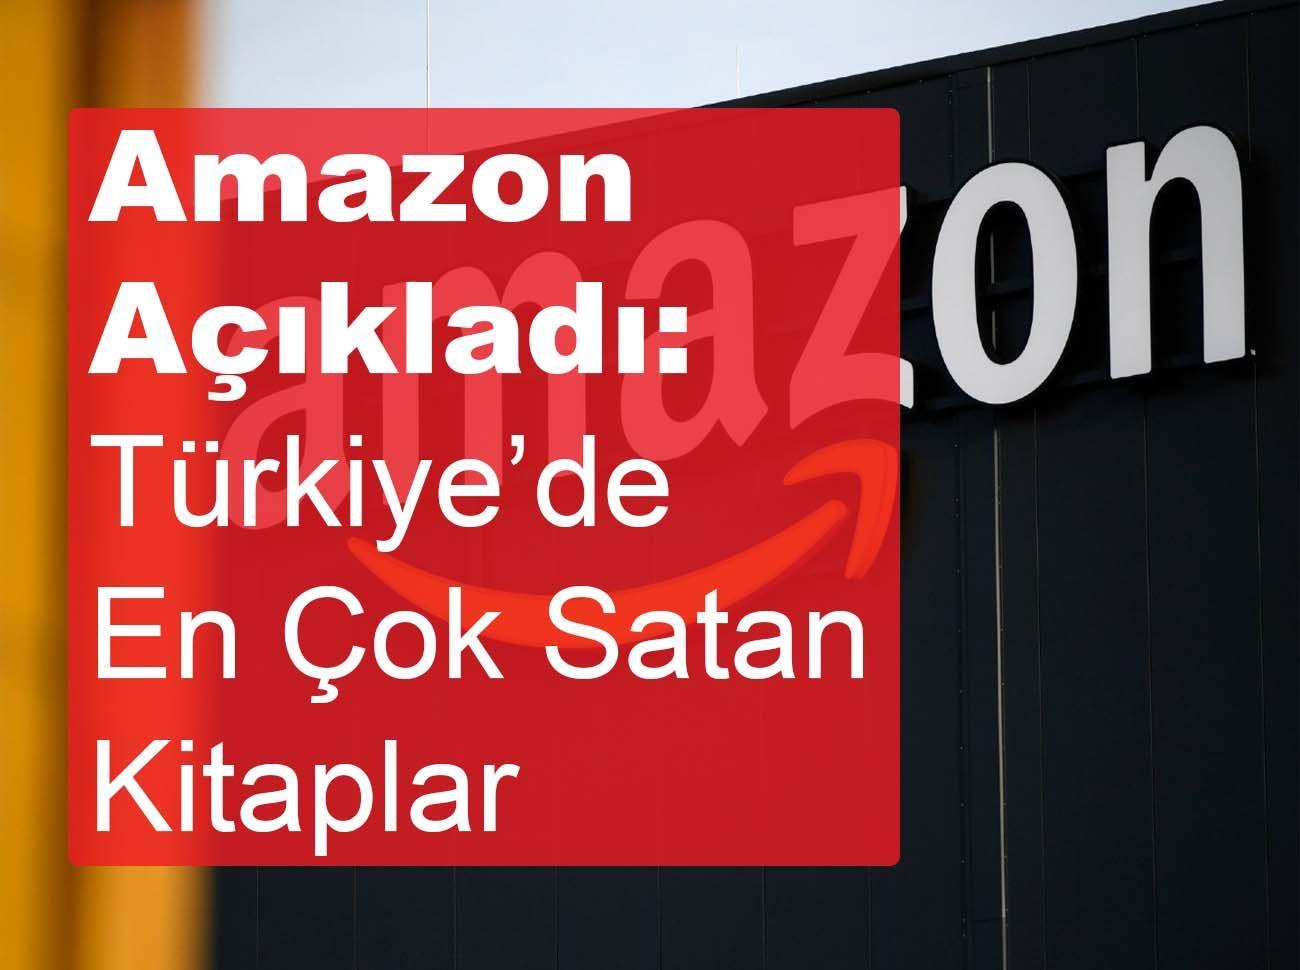 Amazon 2020'de Türkiye'de En Çok Satılan Kitapları Açıkladı